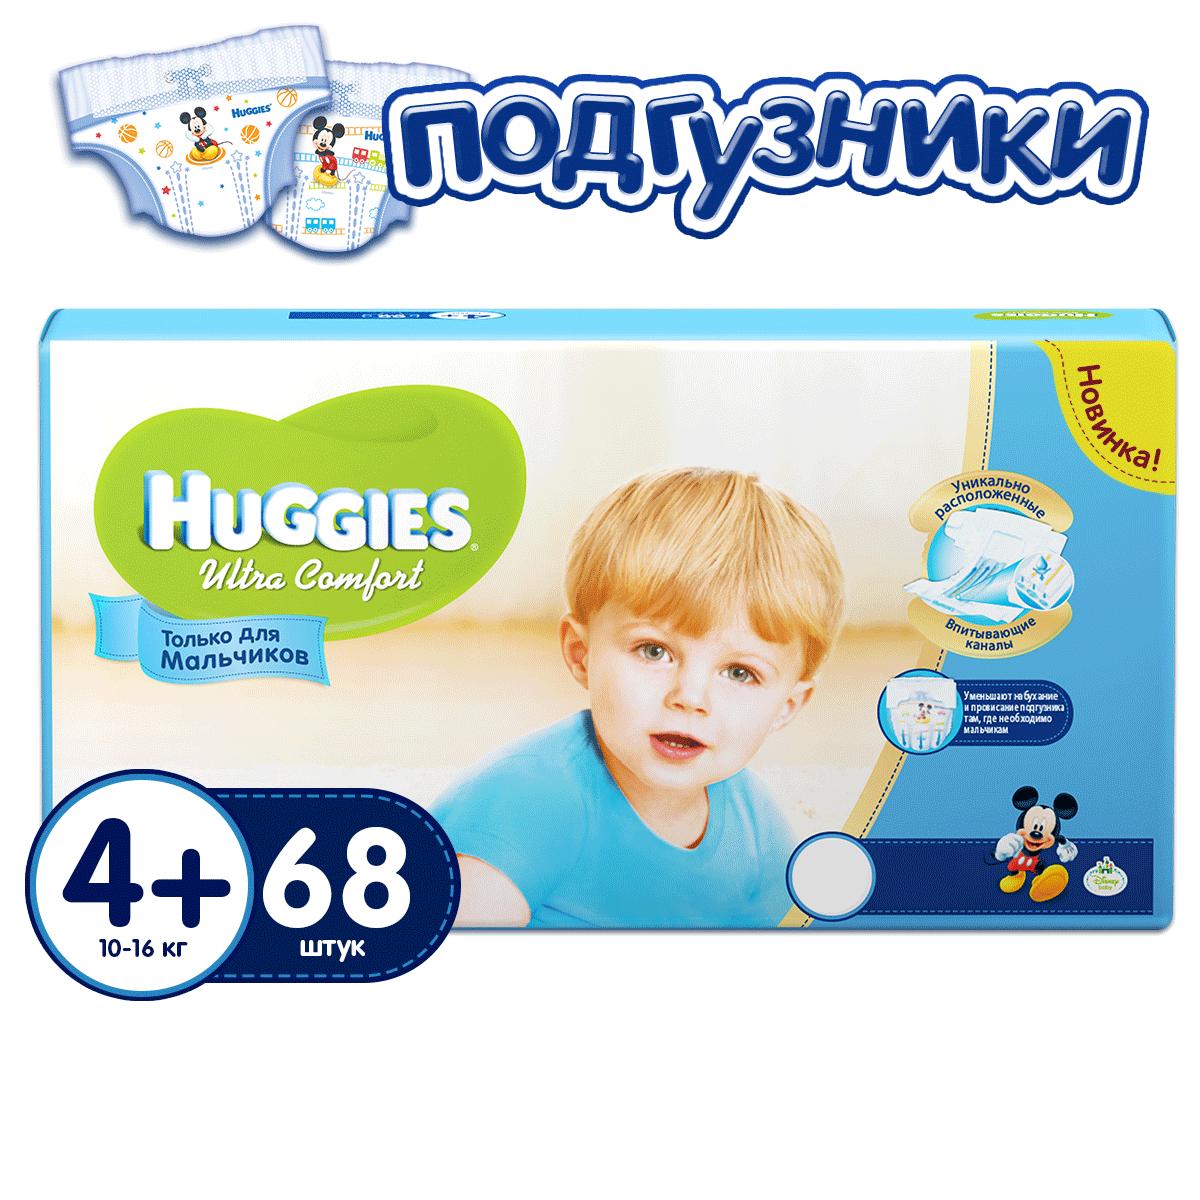 Подгузники Huggies Ultra Comfort Giga Pack для мальчиков 10-16 кг (68 шт) Размер 4+<br>